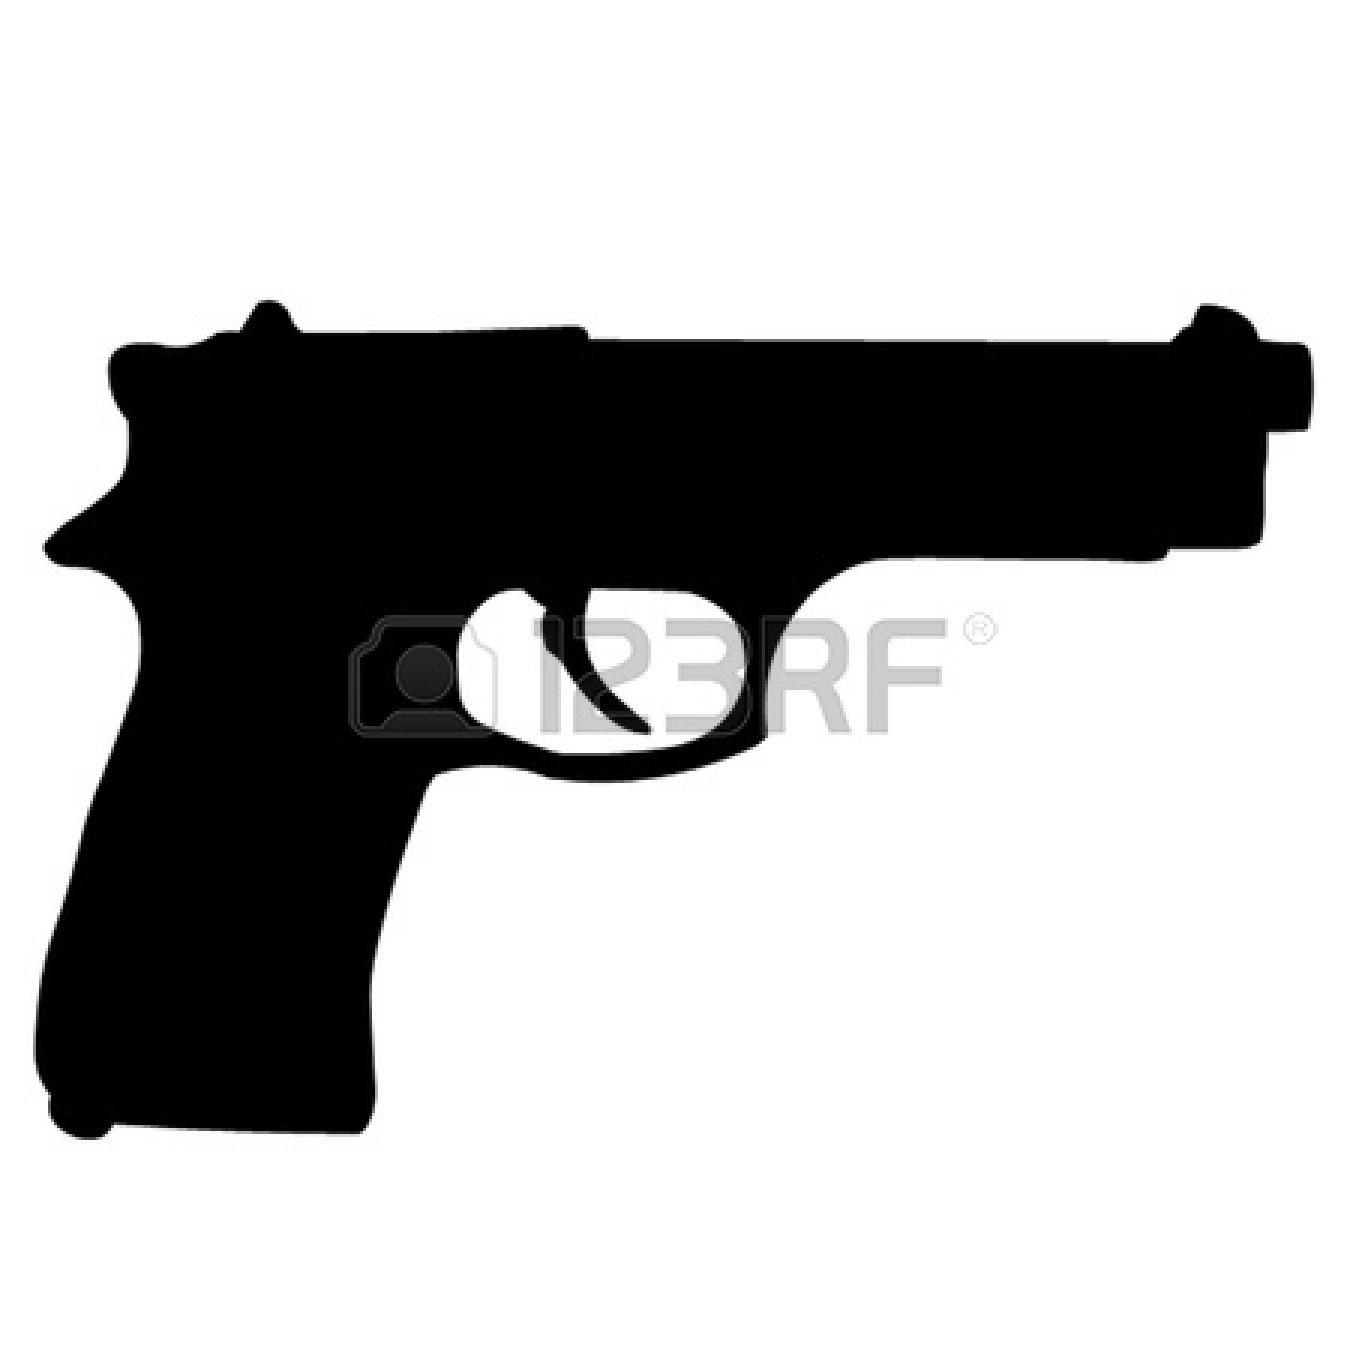 Gun Clipart Free Clip art of Gun Clipart #1554 — Clipartwork.